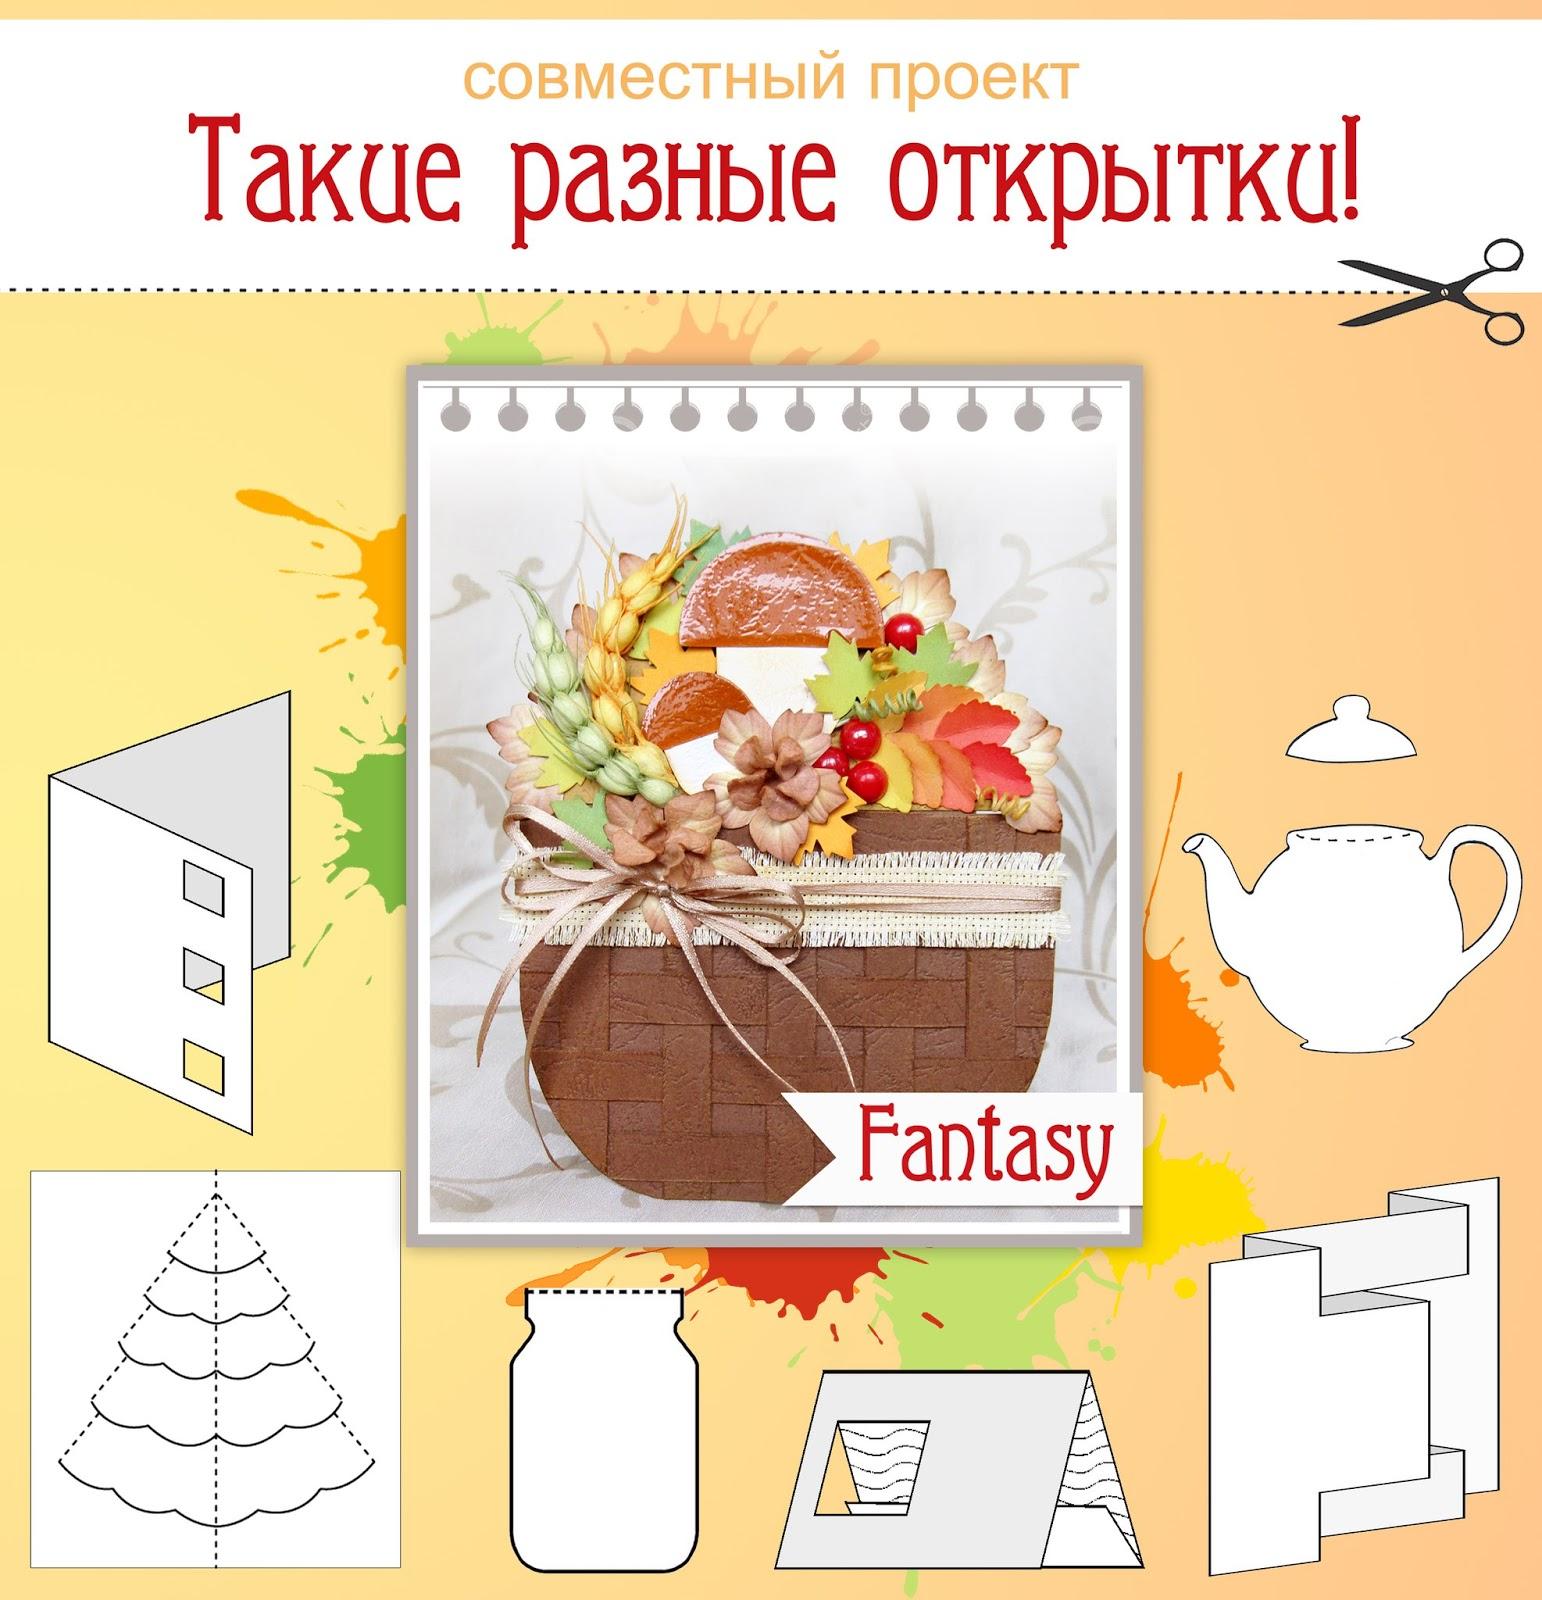 """Совместный проект """"Такие разные открытки!"""""""